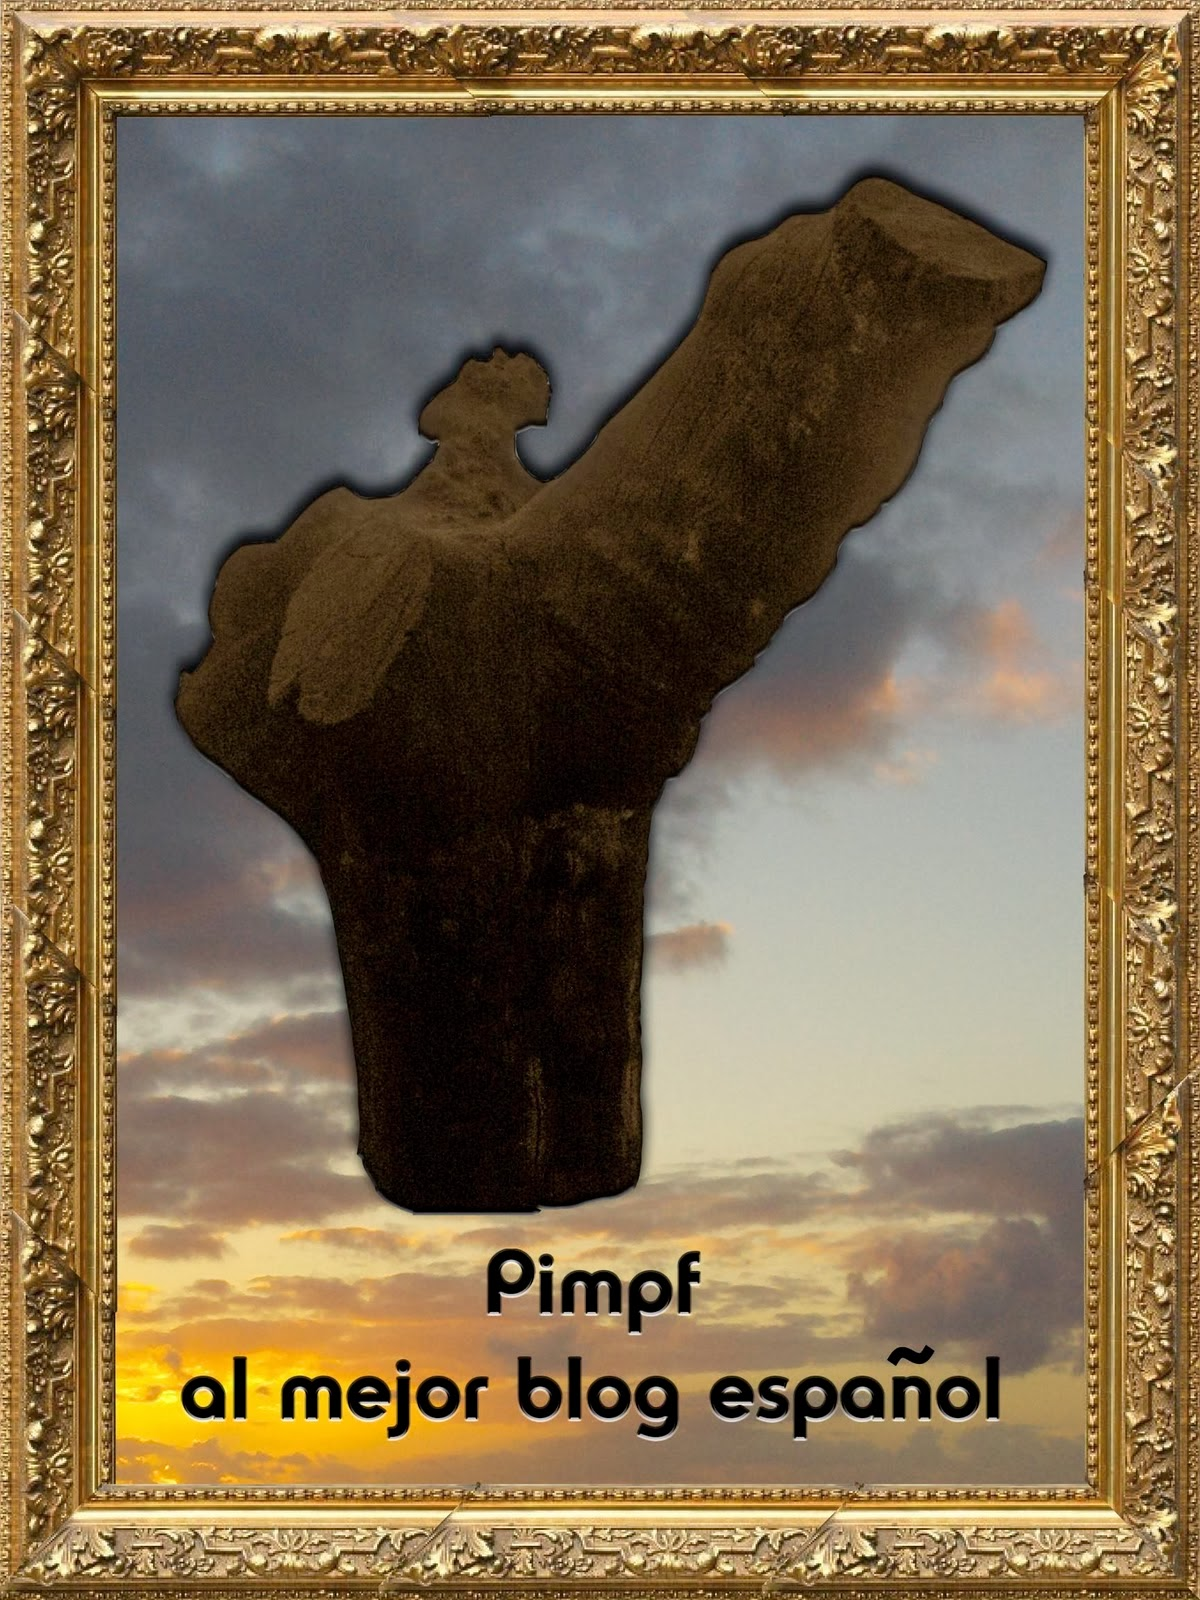 Premios Pimpf 2014